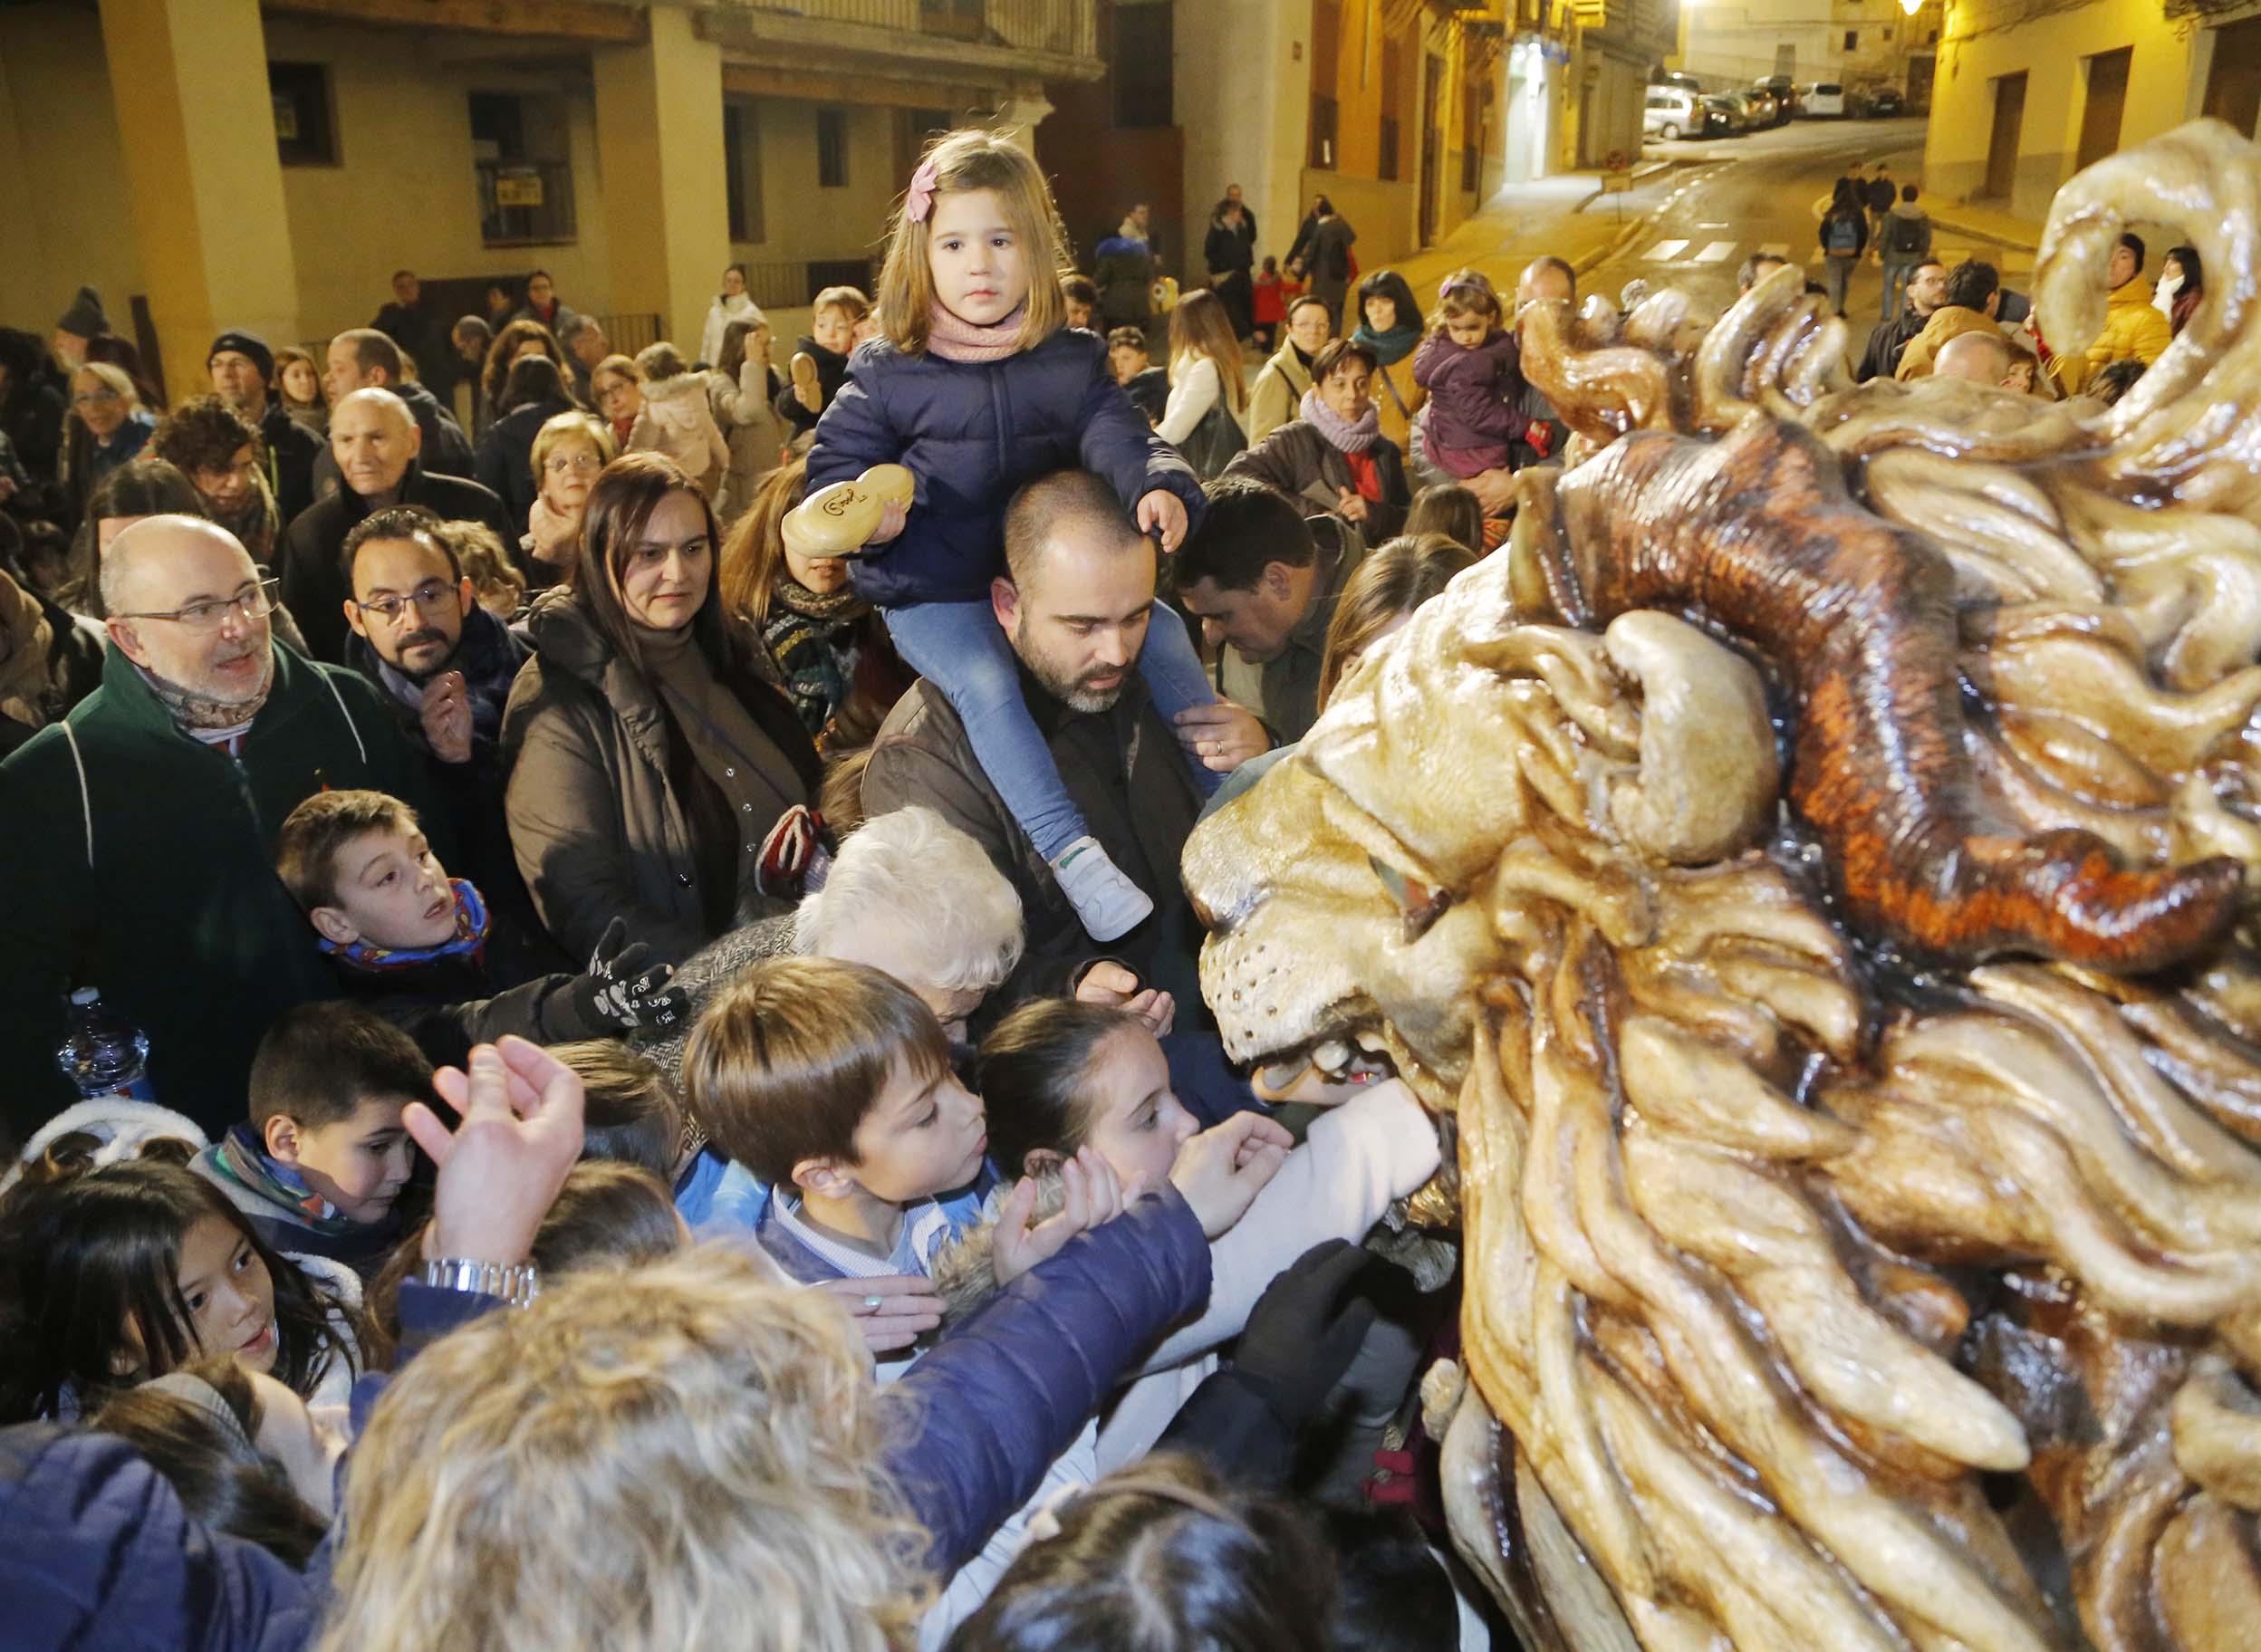 Tres dies de festa popular i devocional El Periòdic d'Ontinyent